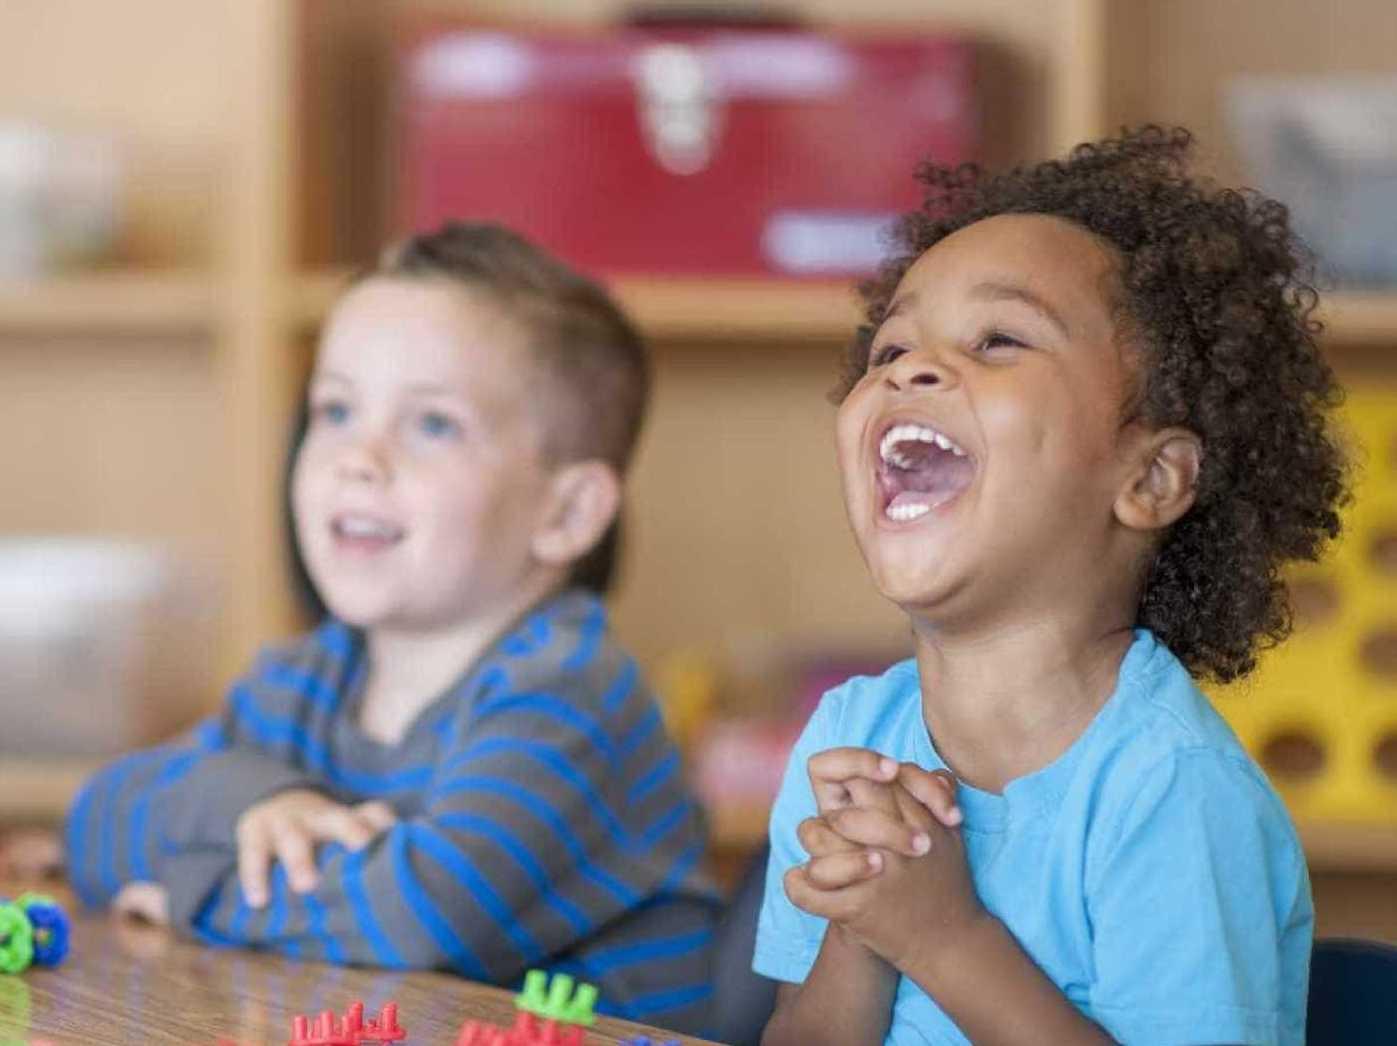 A Educação Exige Os Maiores Cuidados Porque Influi Sobre Toda A Vida: Zipt, Zapt... ZOOM